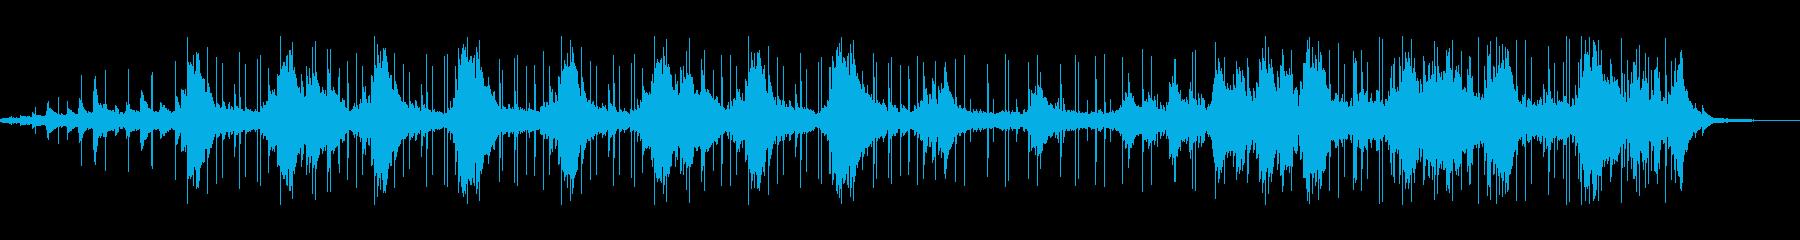 アコギが映えるアンビエントチルBGMの再生済みの波形